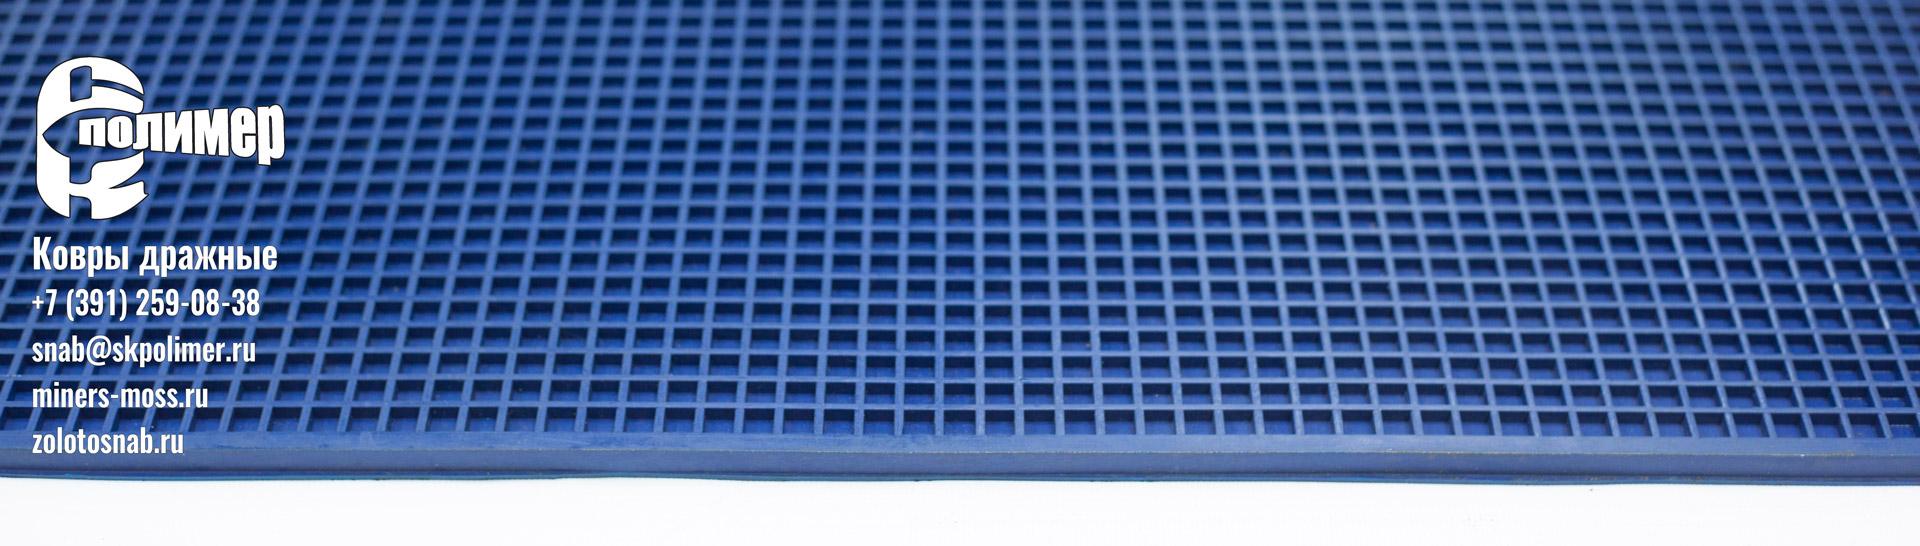 Ковер дражный синий резиновый 365